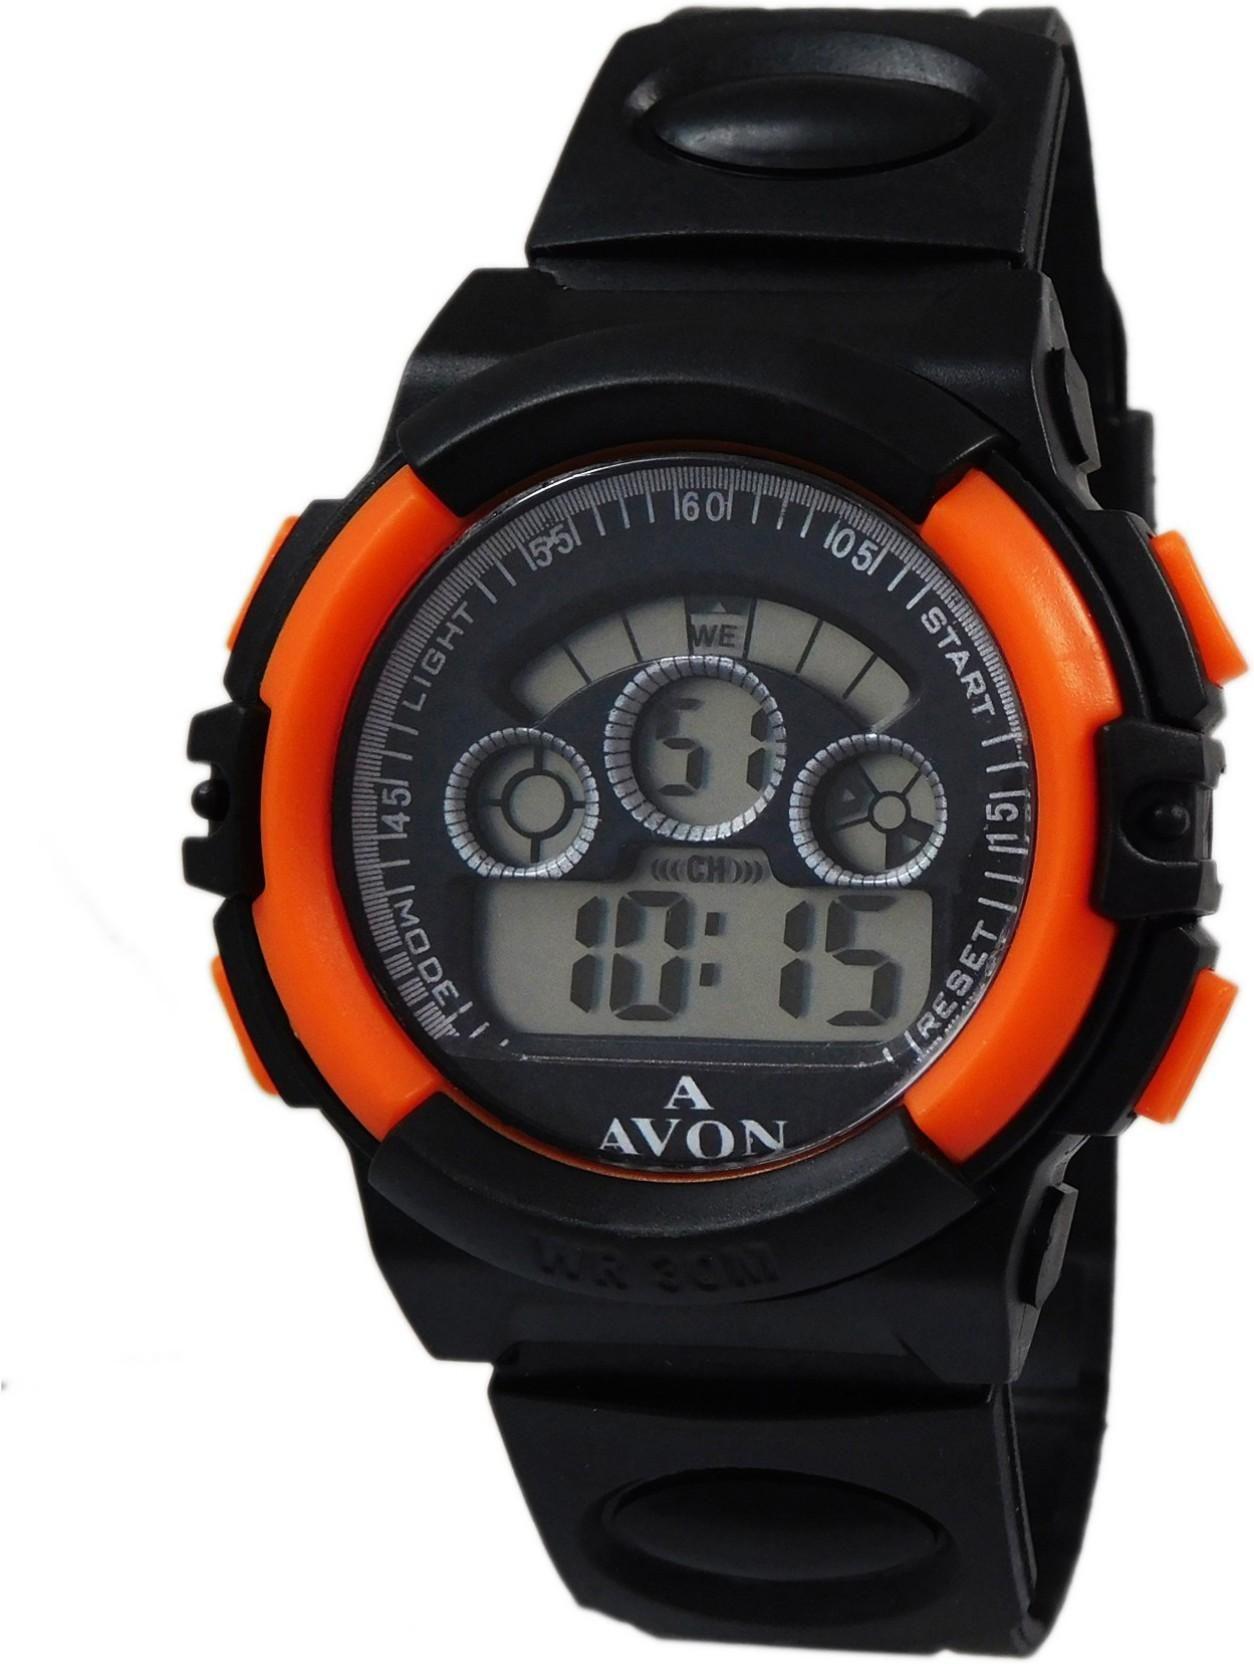 A Avon PK_123 Sports Watch - For Boys